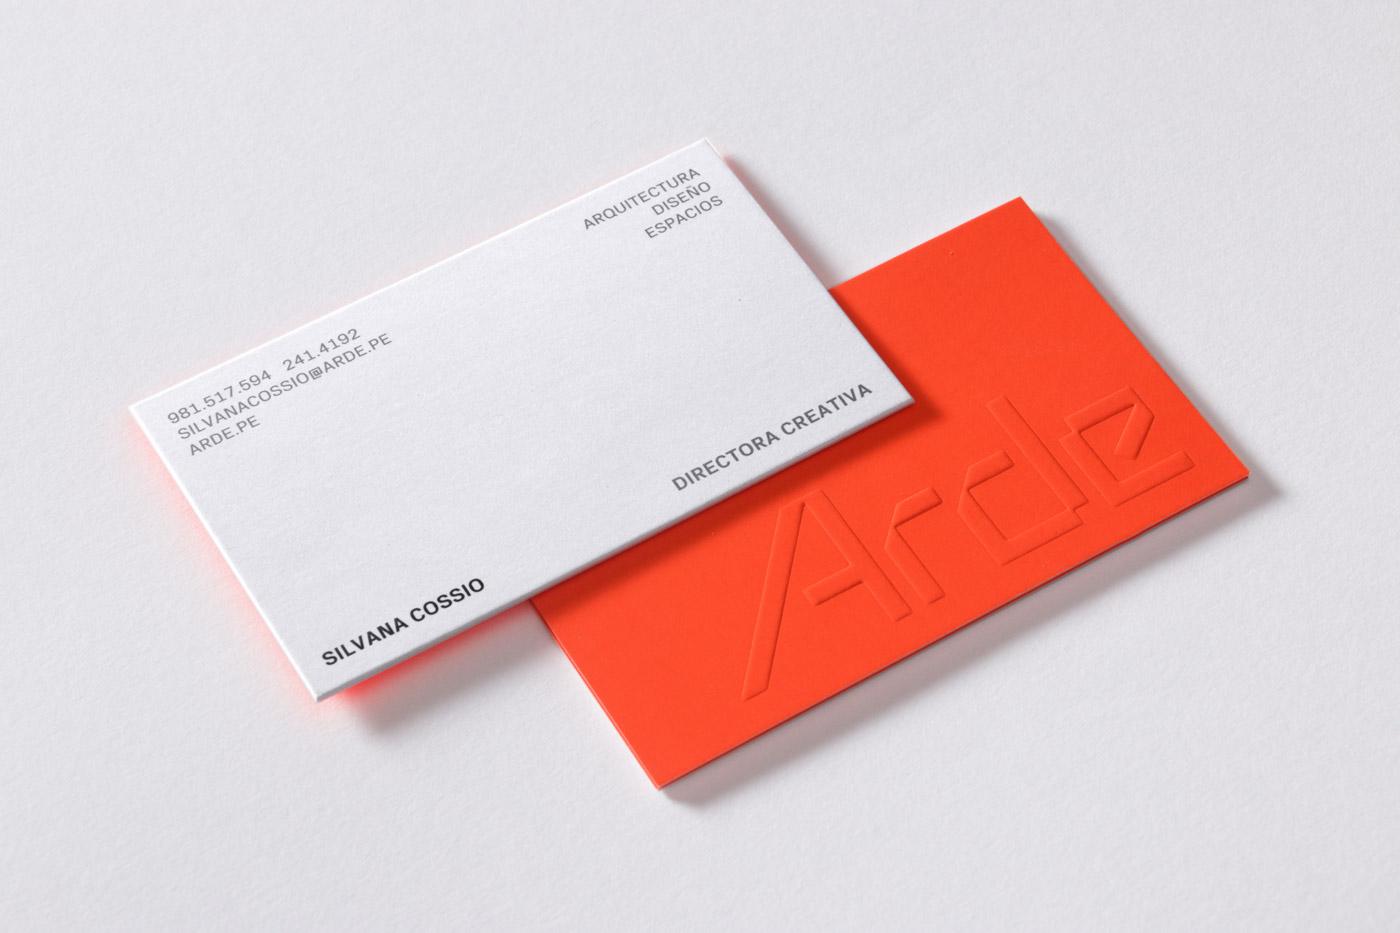 best business card designs inspiration gallery bp o. Black Bedroom Furniture Sets. Home Design Ideas